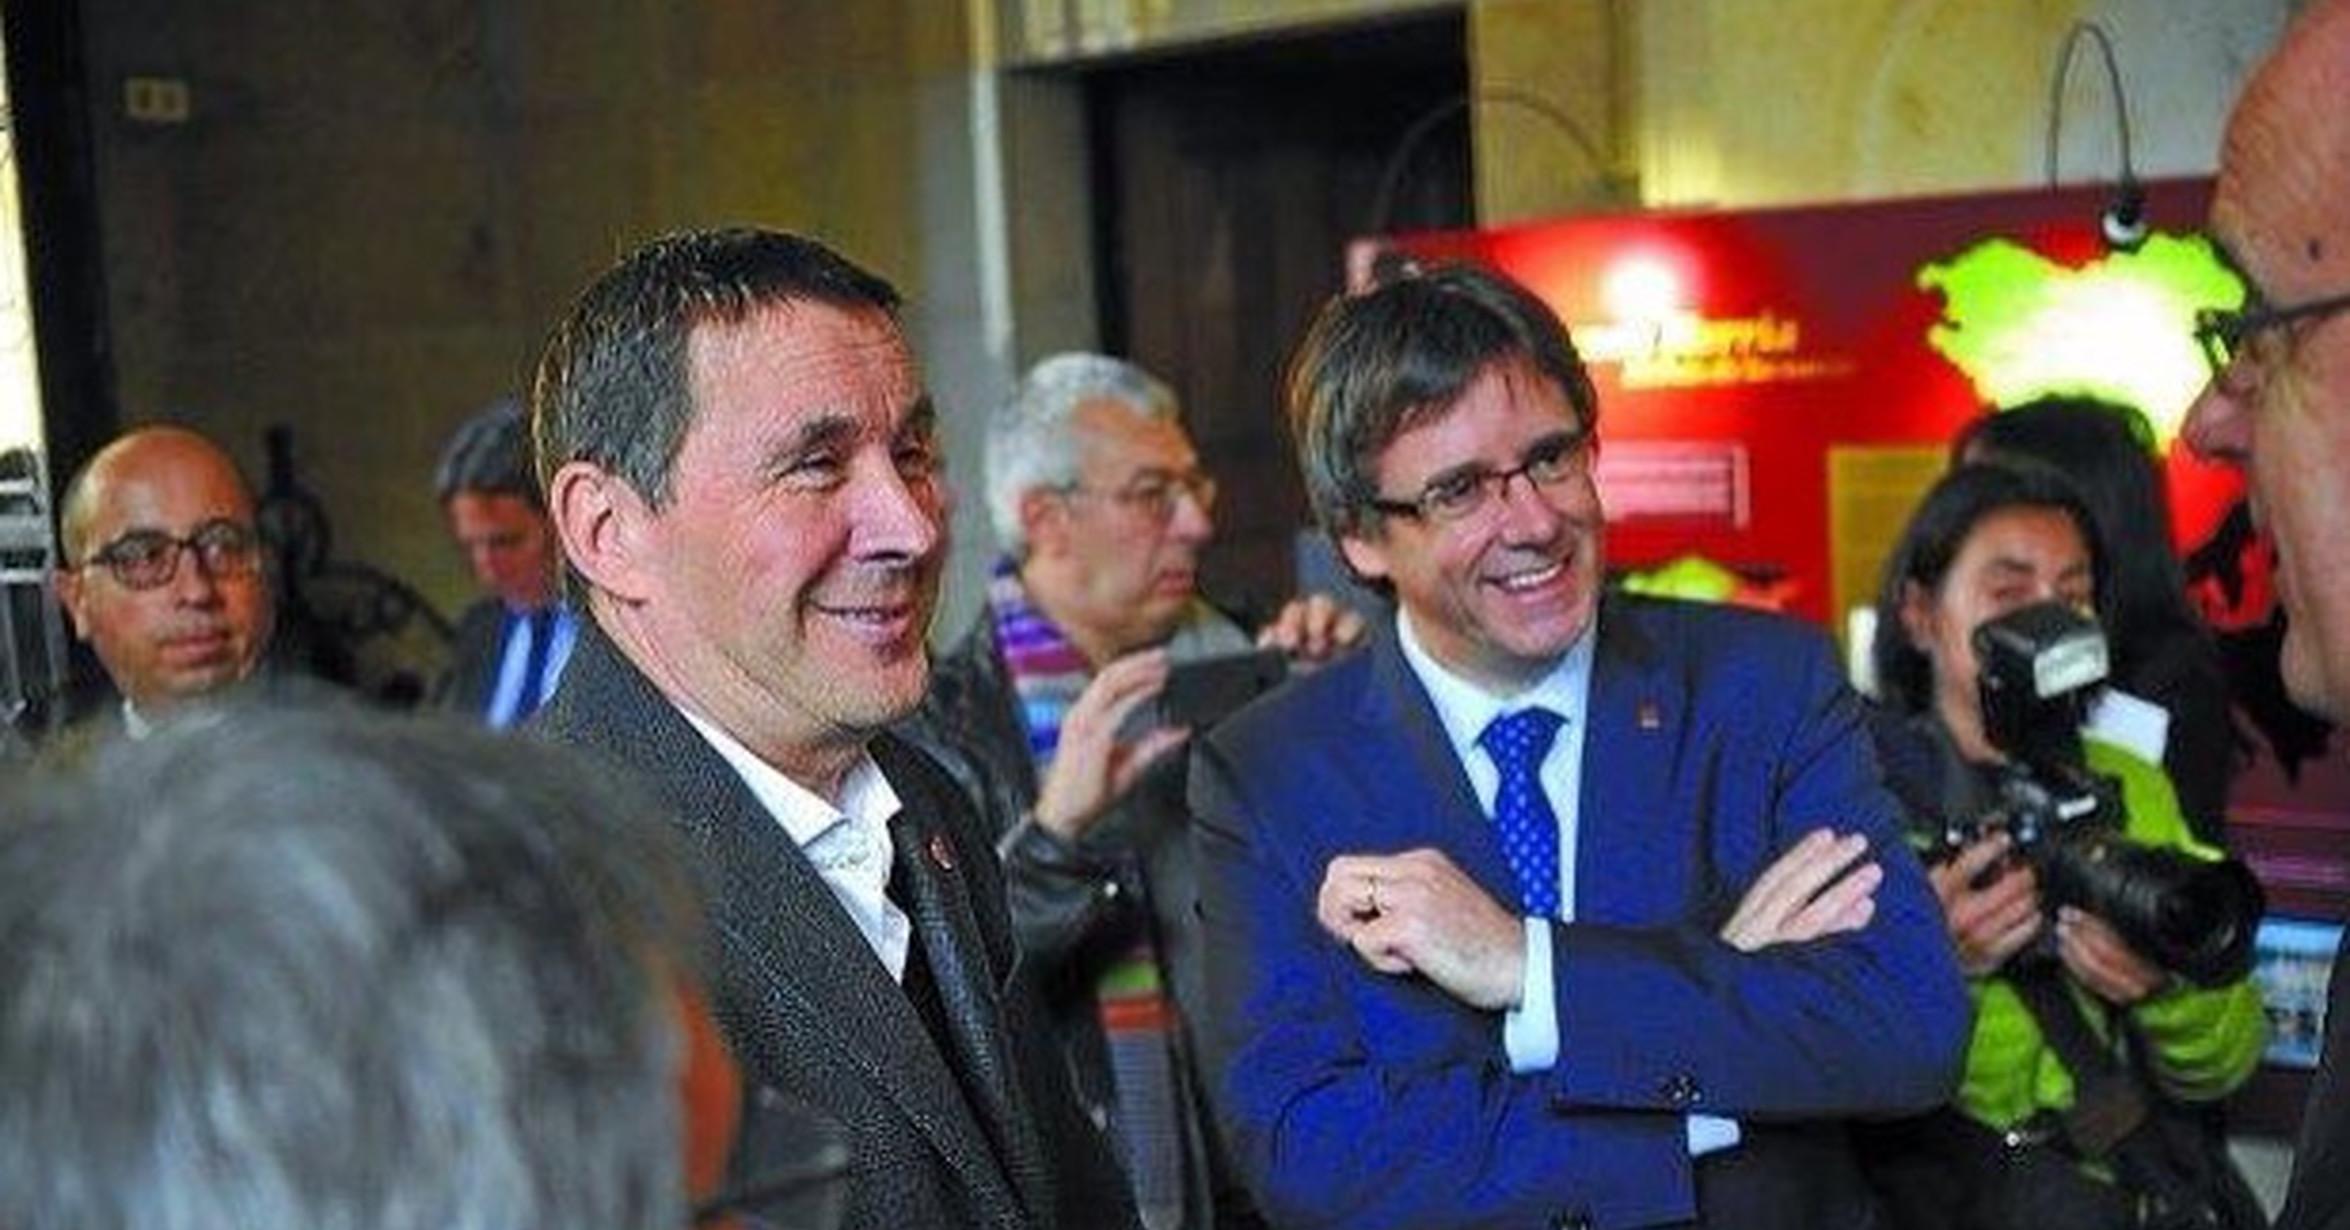 Verdugos de España elegidos por el pueblo